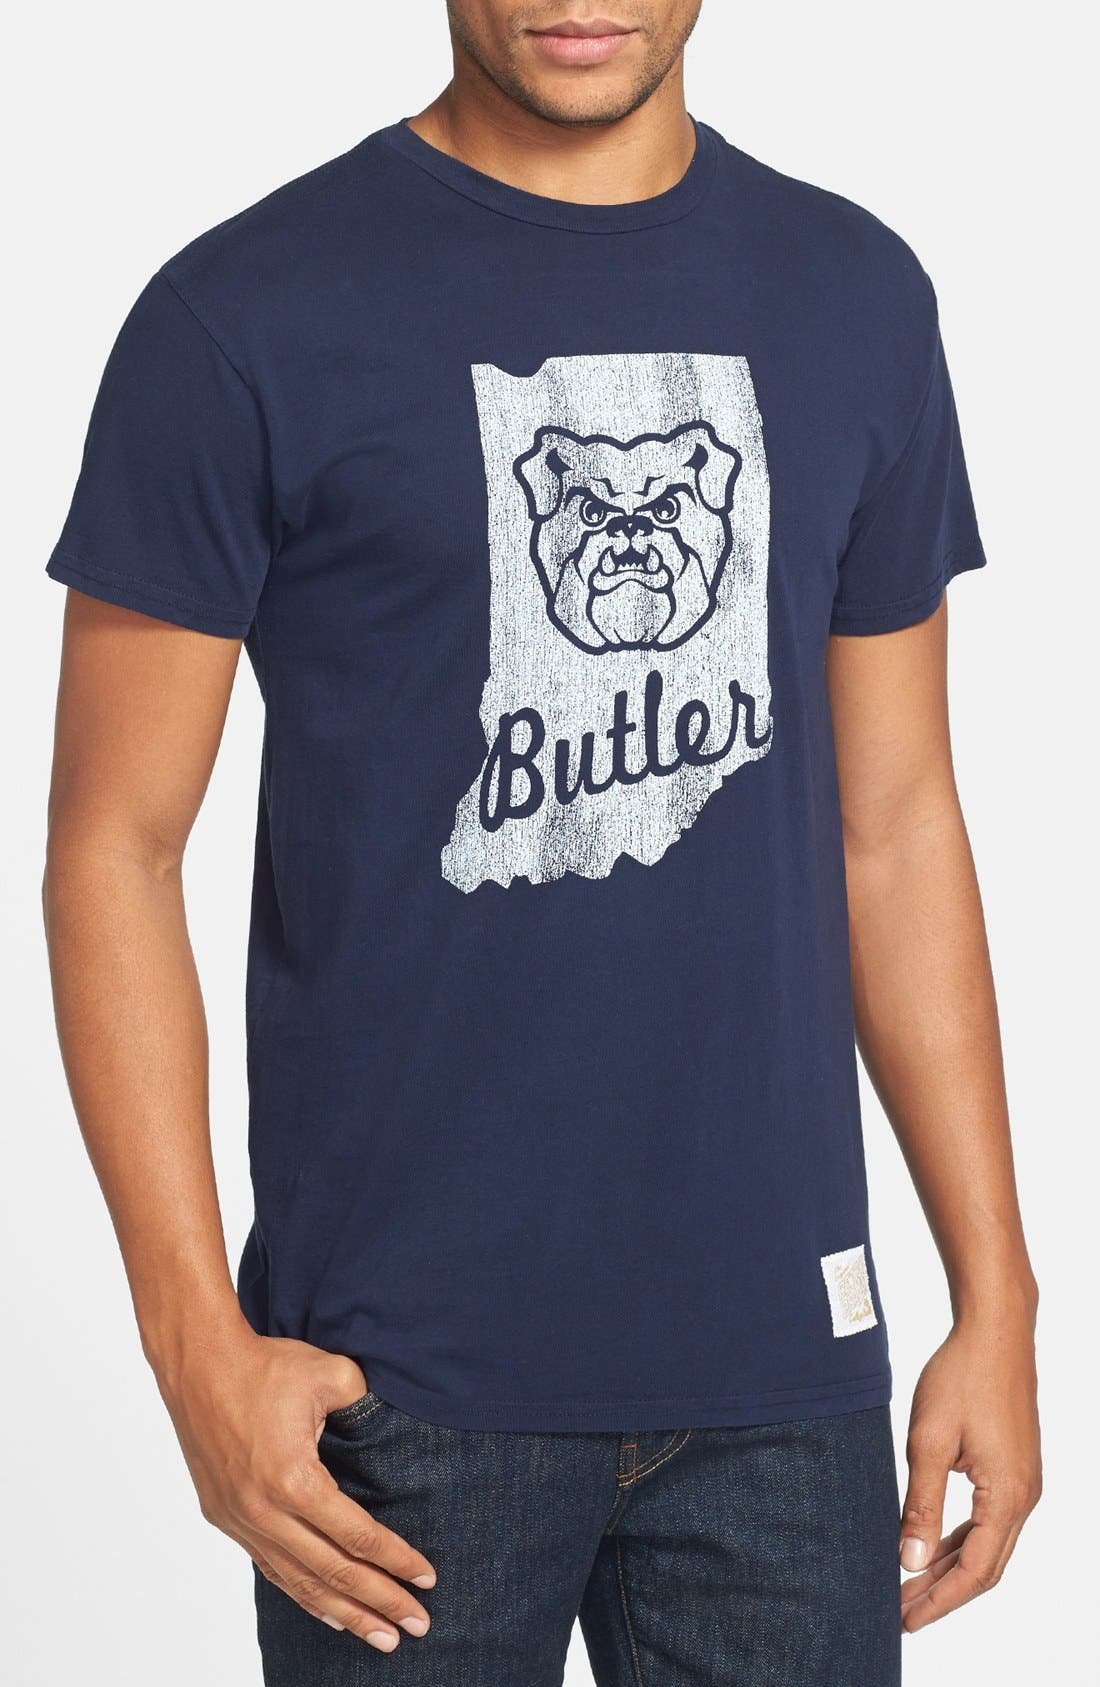 Alternate Image 1 Selected - Retro Brand 'Butler Bulldogs' Team T-Shirt